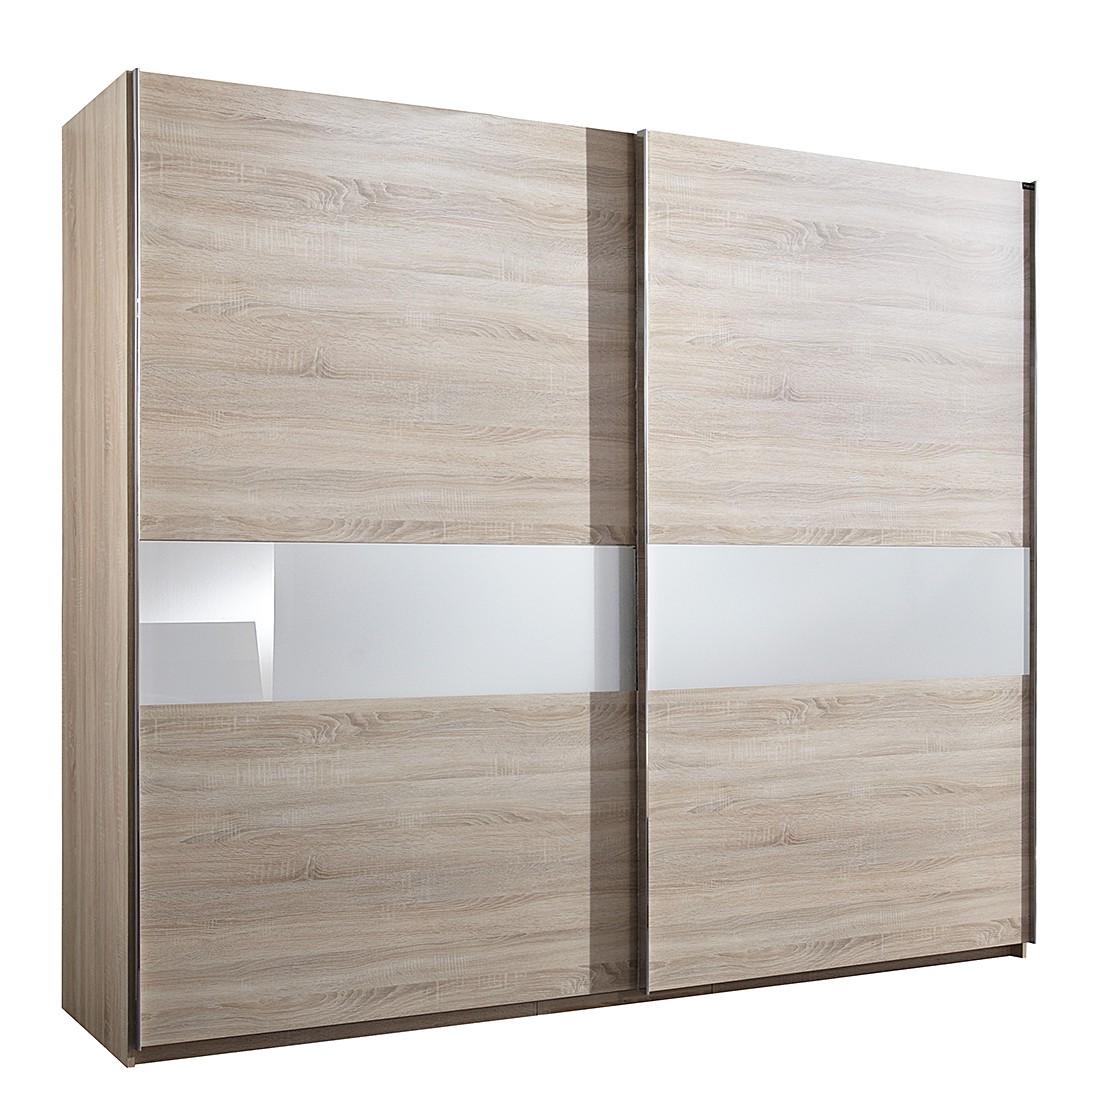 schwebet renschrank add on c eiche s gerau dekor glas. Black Bedroom Furniture Sets. Home Design Ideas